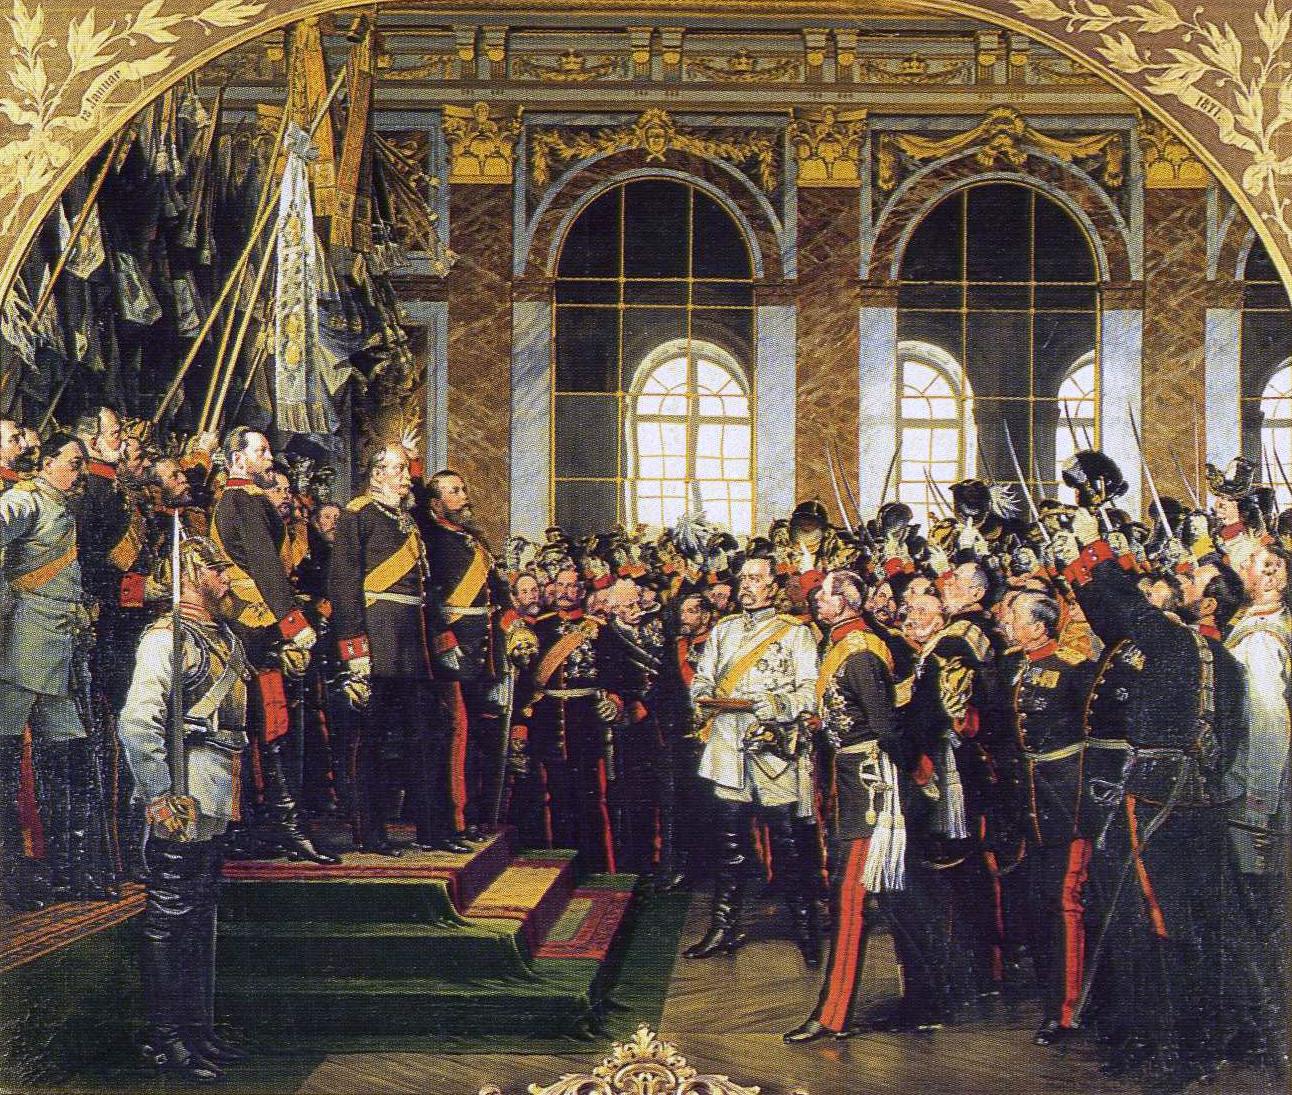 File:Anton von Werner - Kaiserproklamation in Versailles 1871.jpg